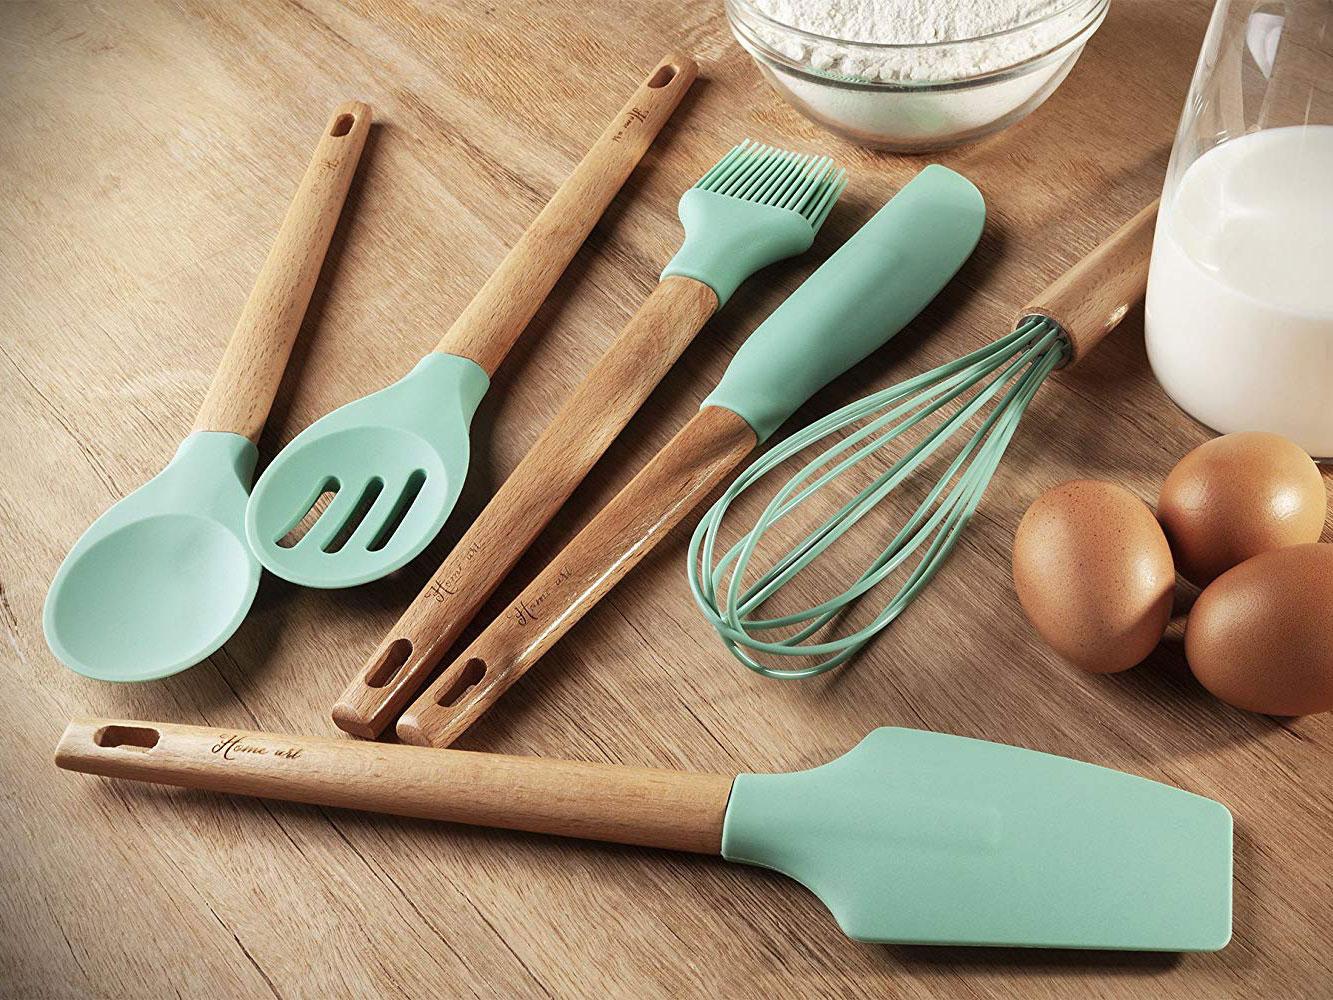 Avant de commencer, assurez-vous d'avoir tous les ustensiles de cuisine nécessaires.